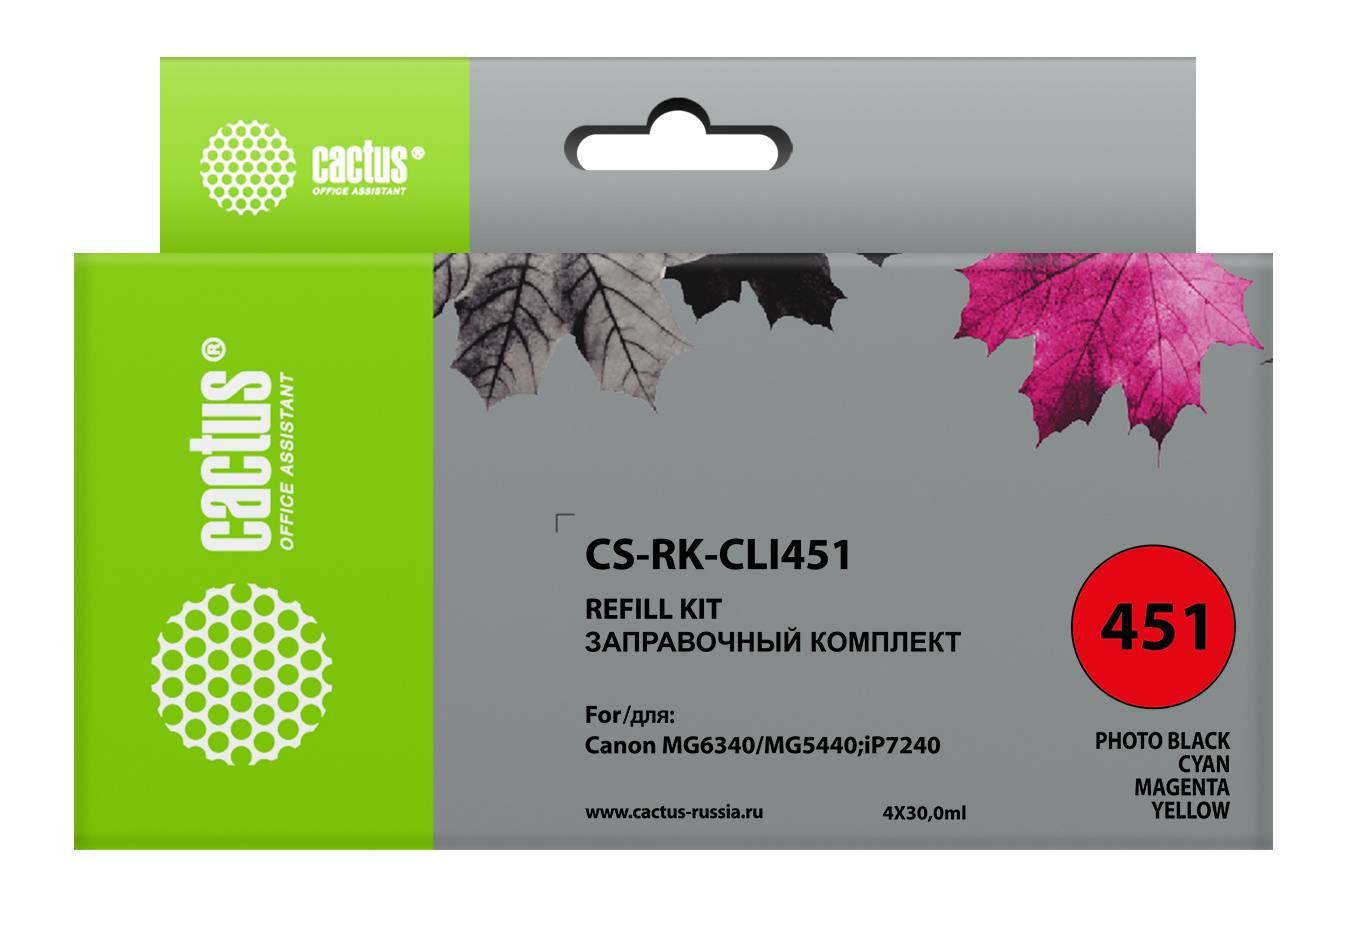 Заправочный набор Cactus CS-RK-CLI451 многоцветный 1фл. 120мл для Canon MG6340/5440/IP7240 - фото 1